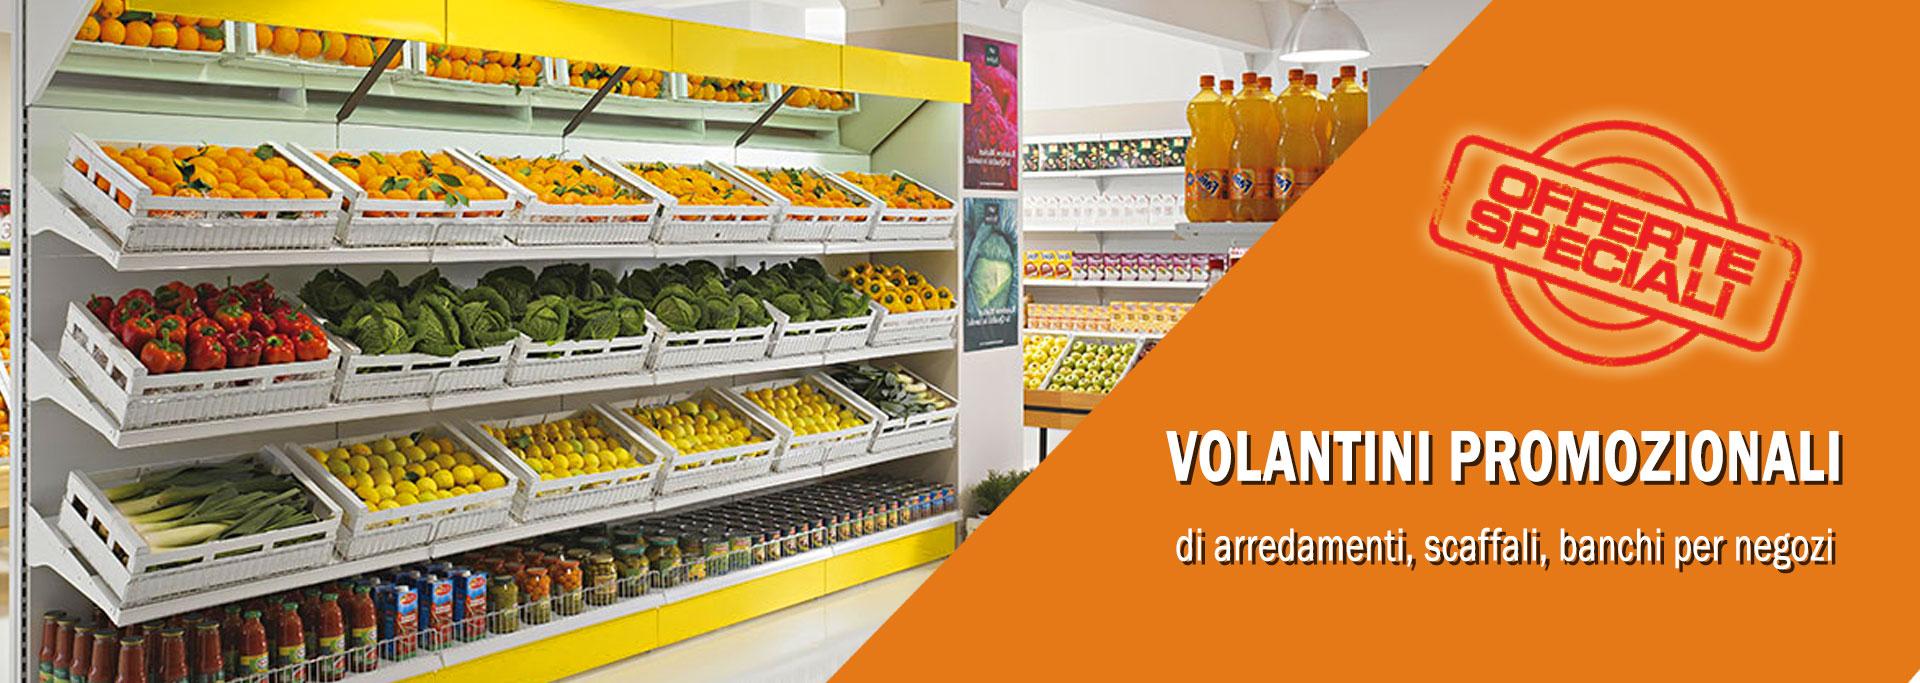 Volantini arredamento offerte volantini sardegna for Papino arredamenti